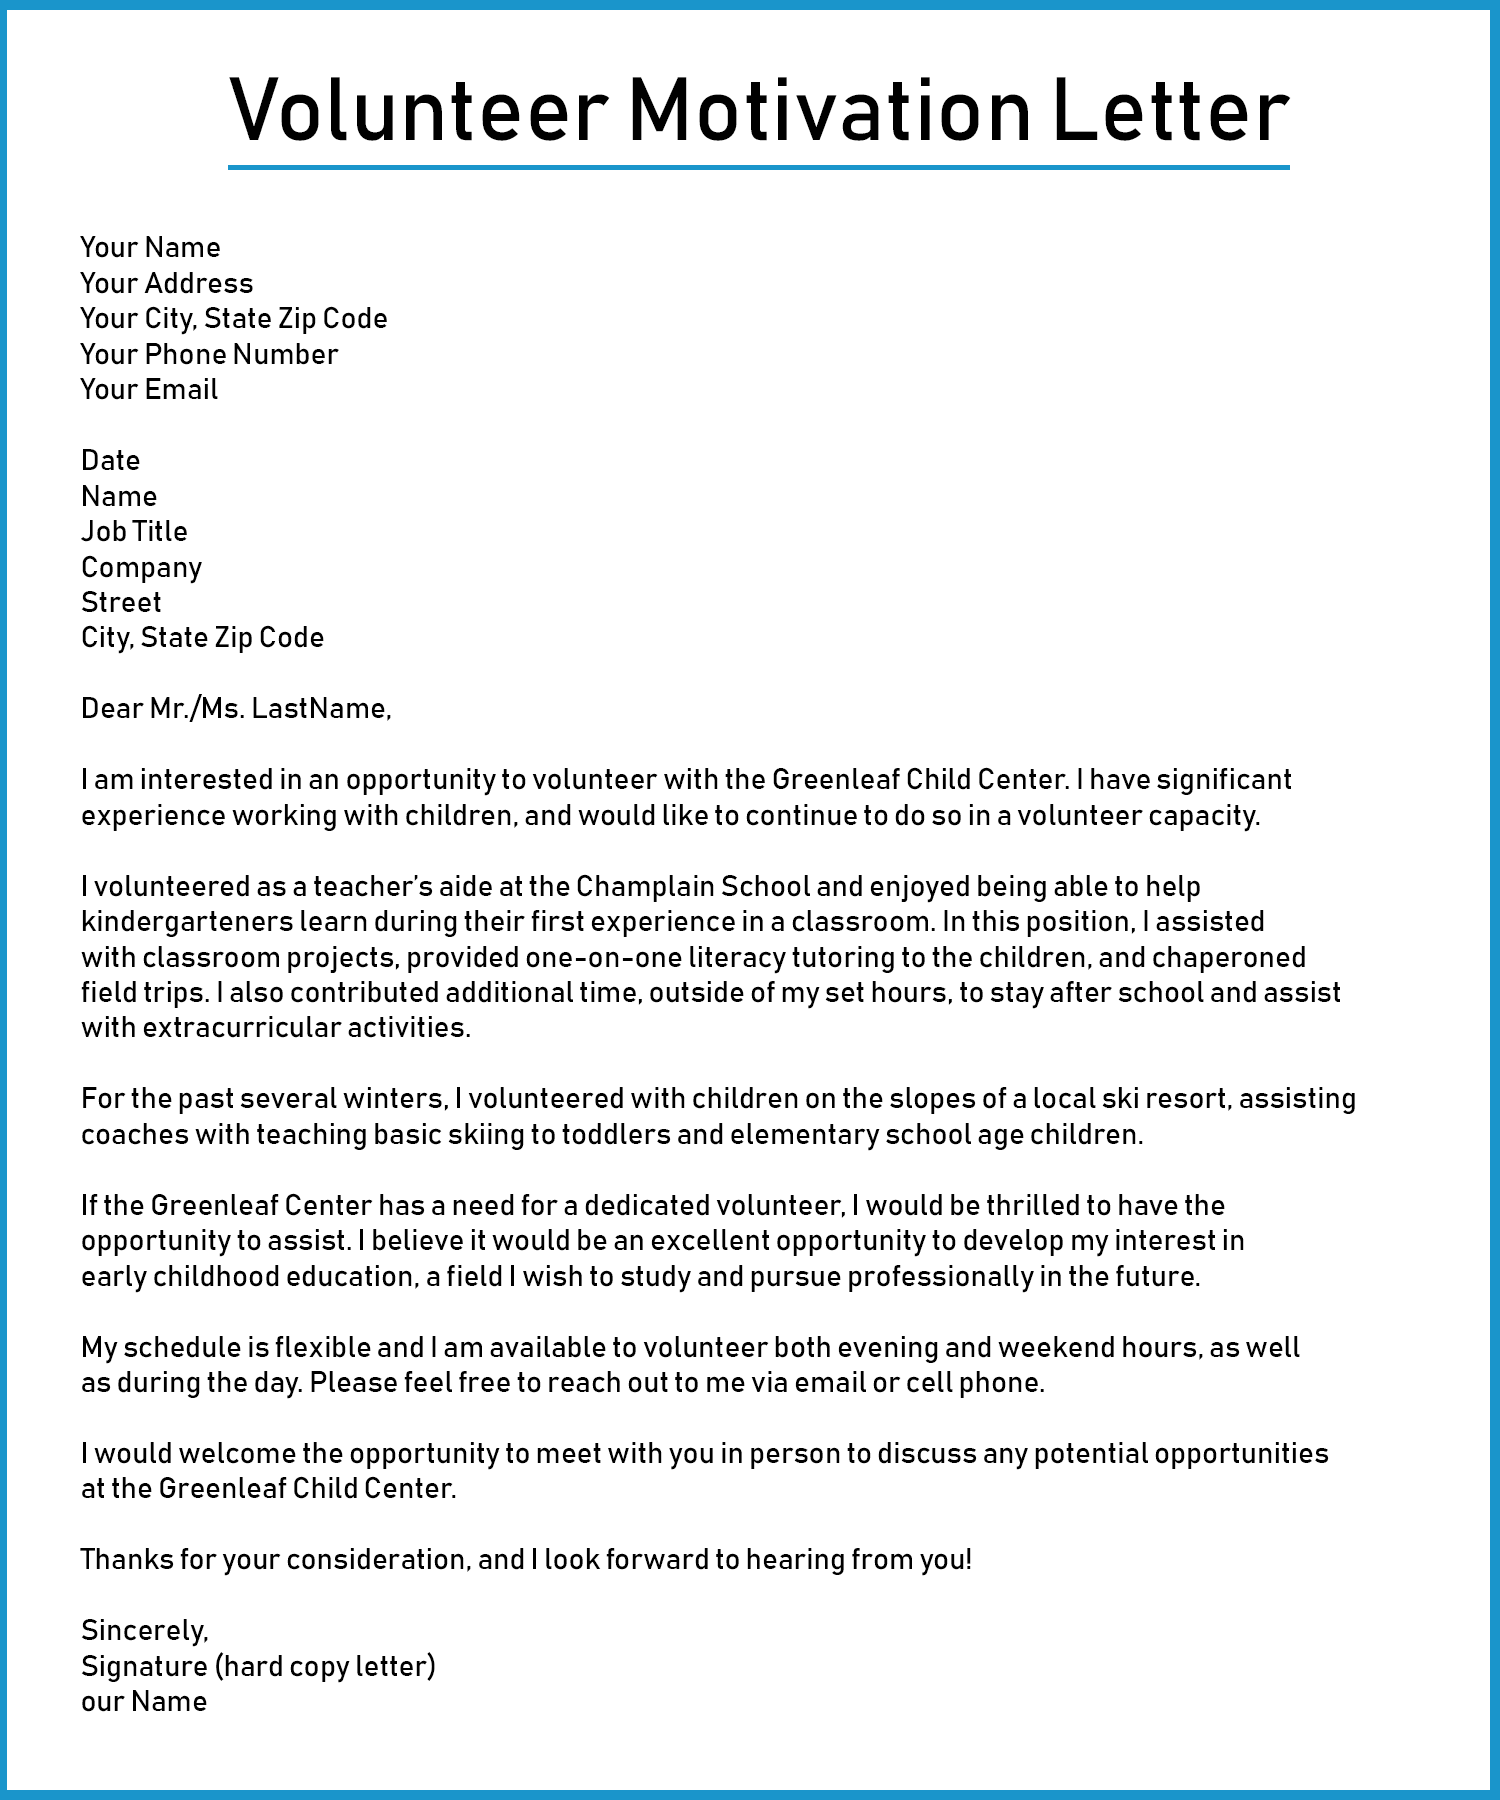 Volunteer-Motivation-Letter